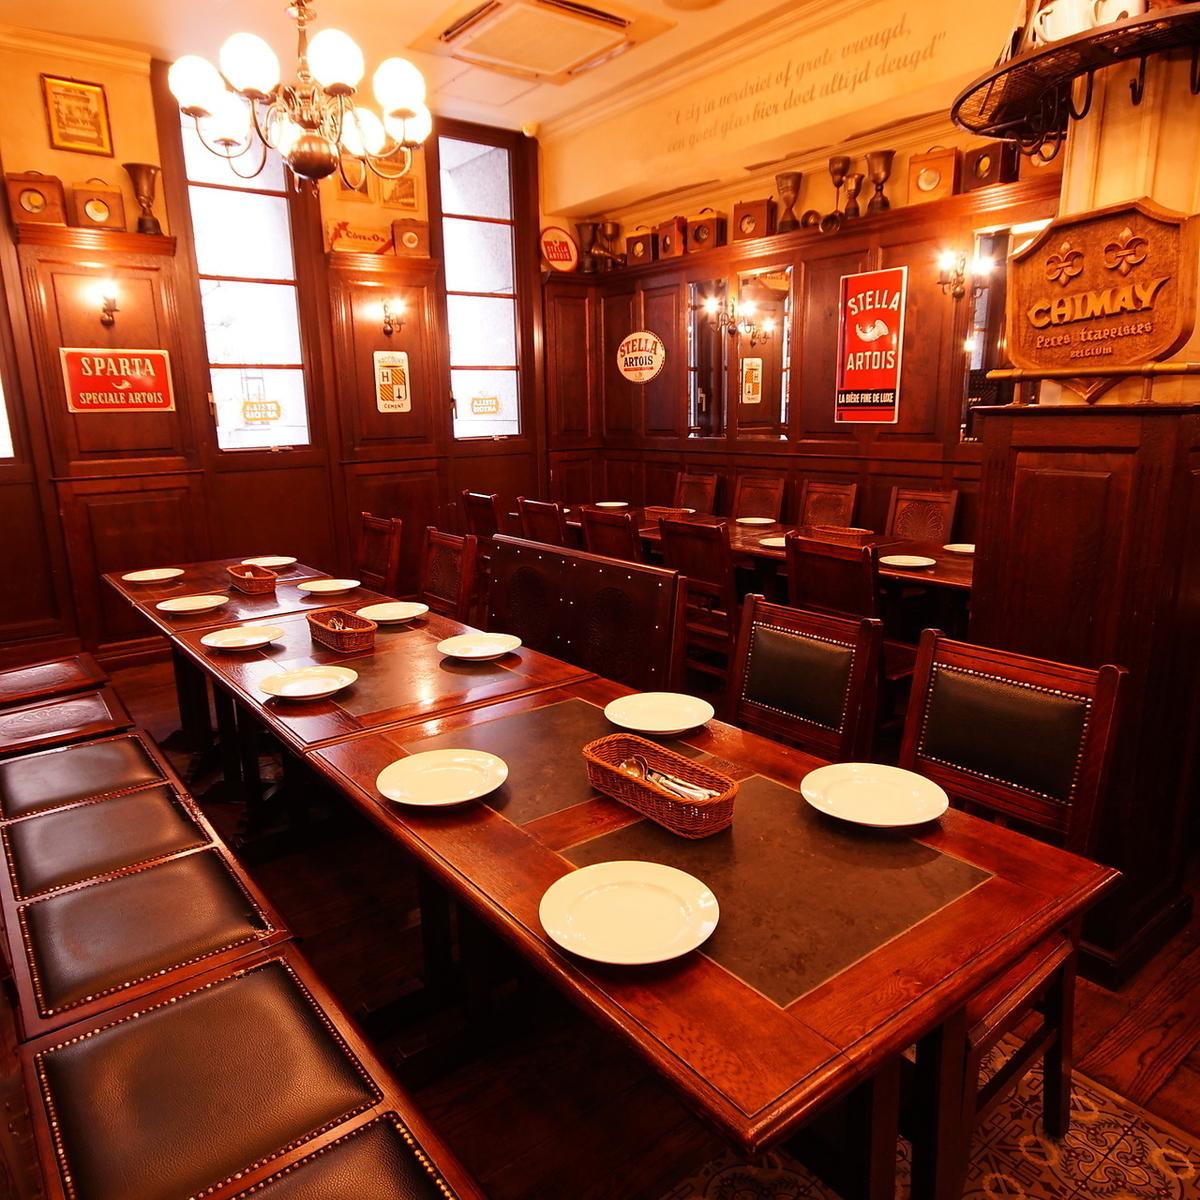 【16人~24个座位】是团体的座位。两张桌子可以准备超过15人,附近的座位可以准备多达24人。